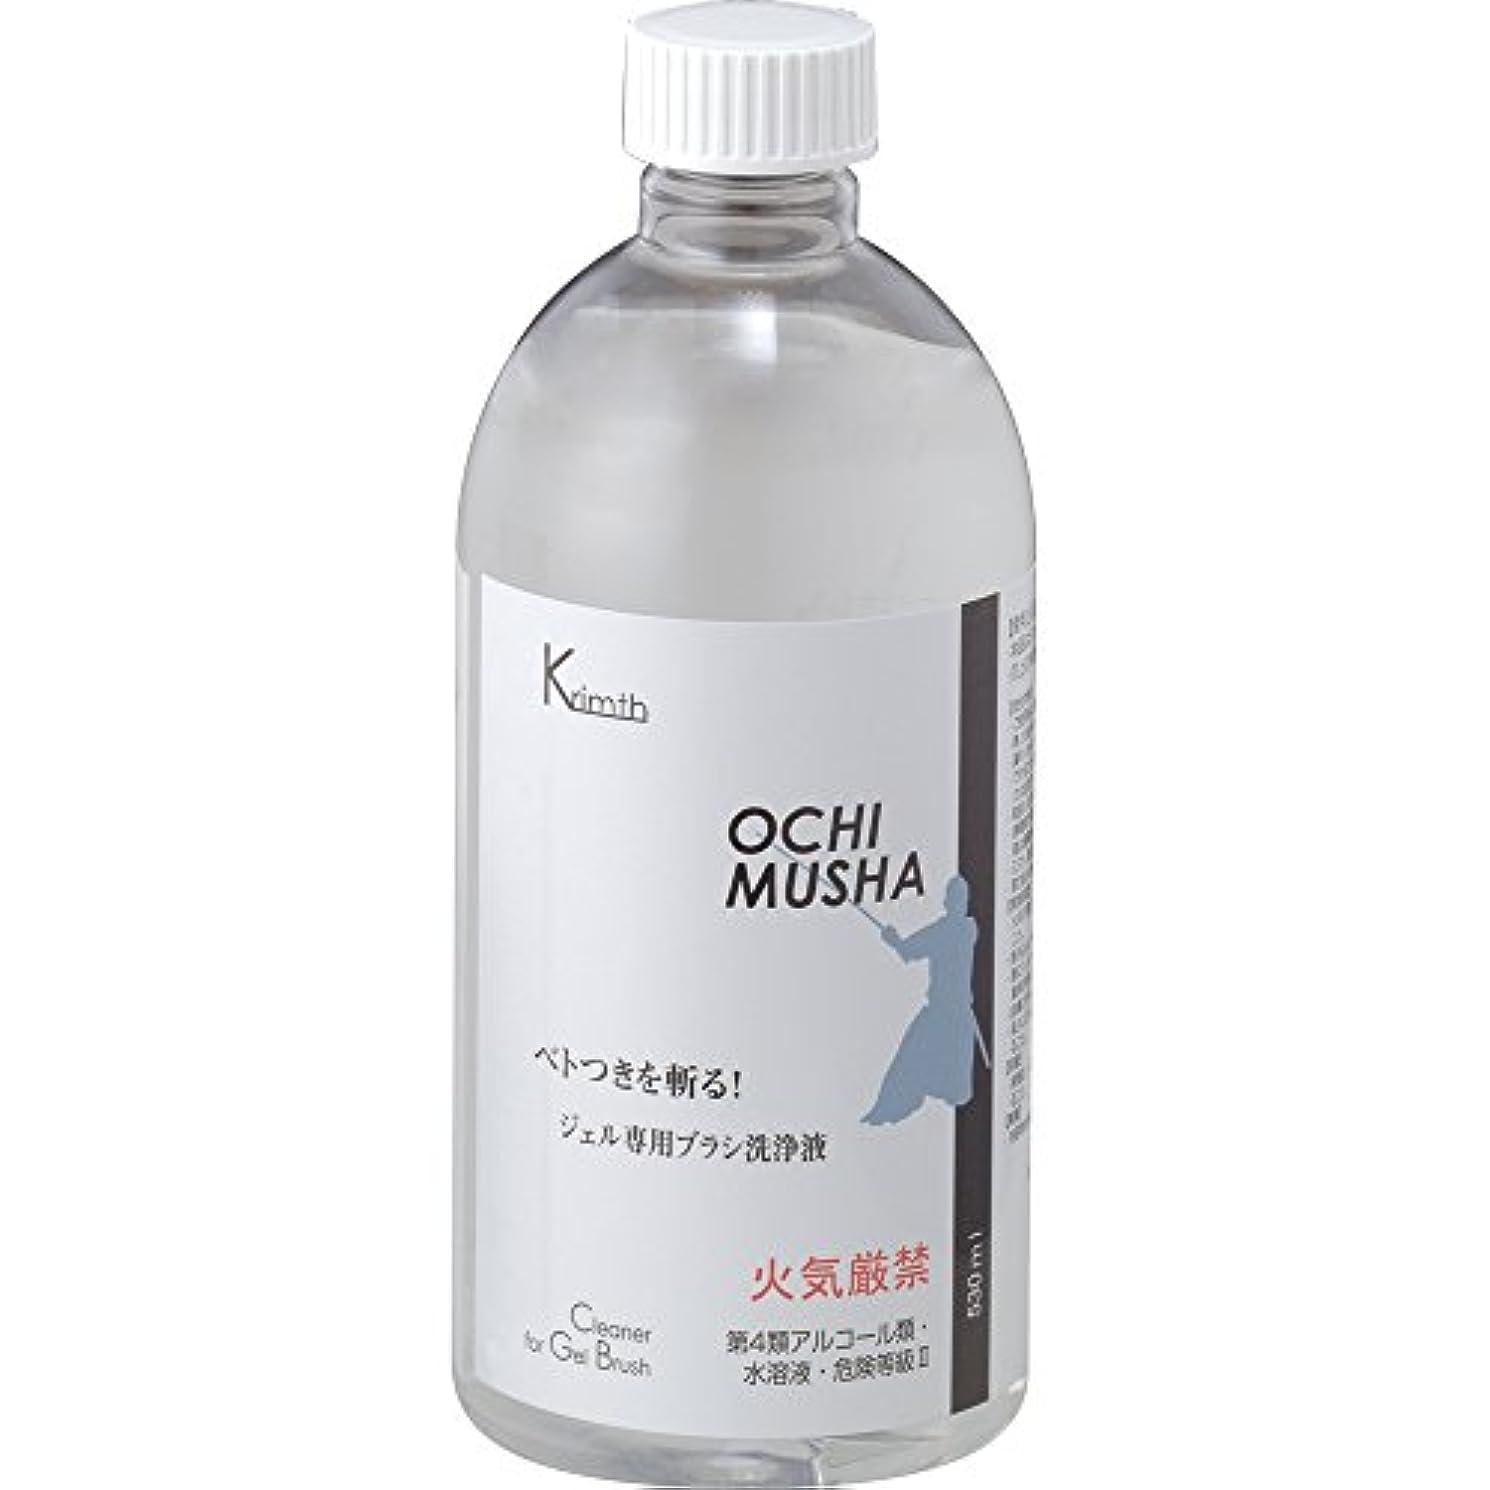 一流鰐再現するKrimth Ochimusha 530ml